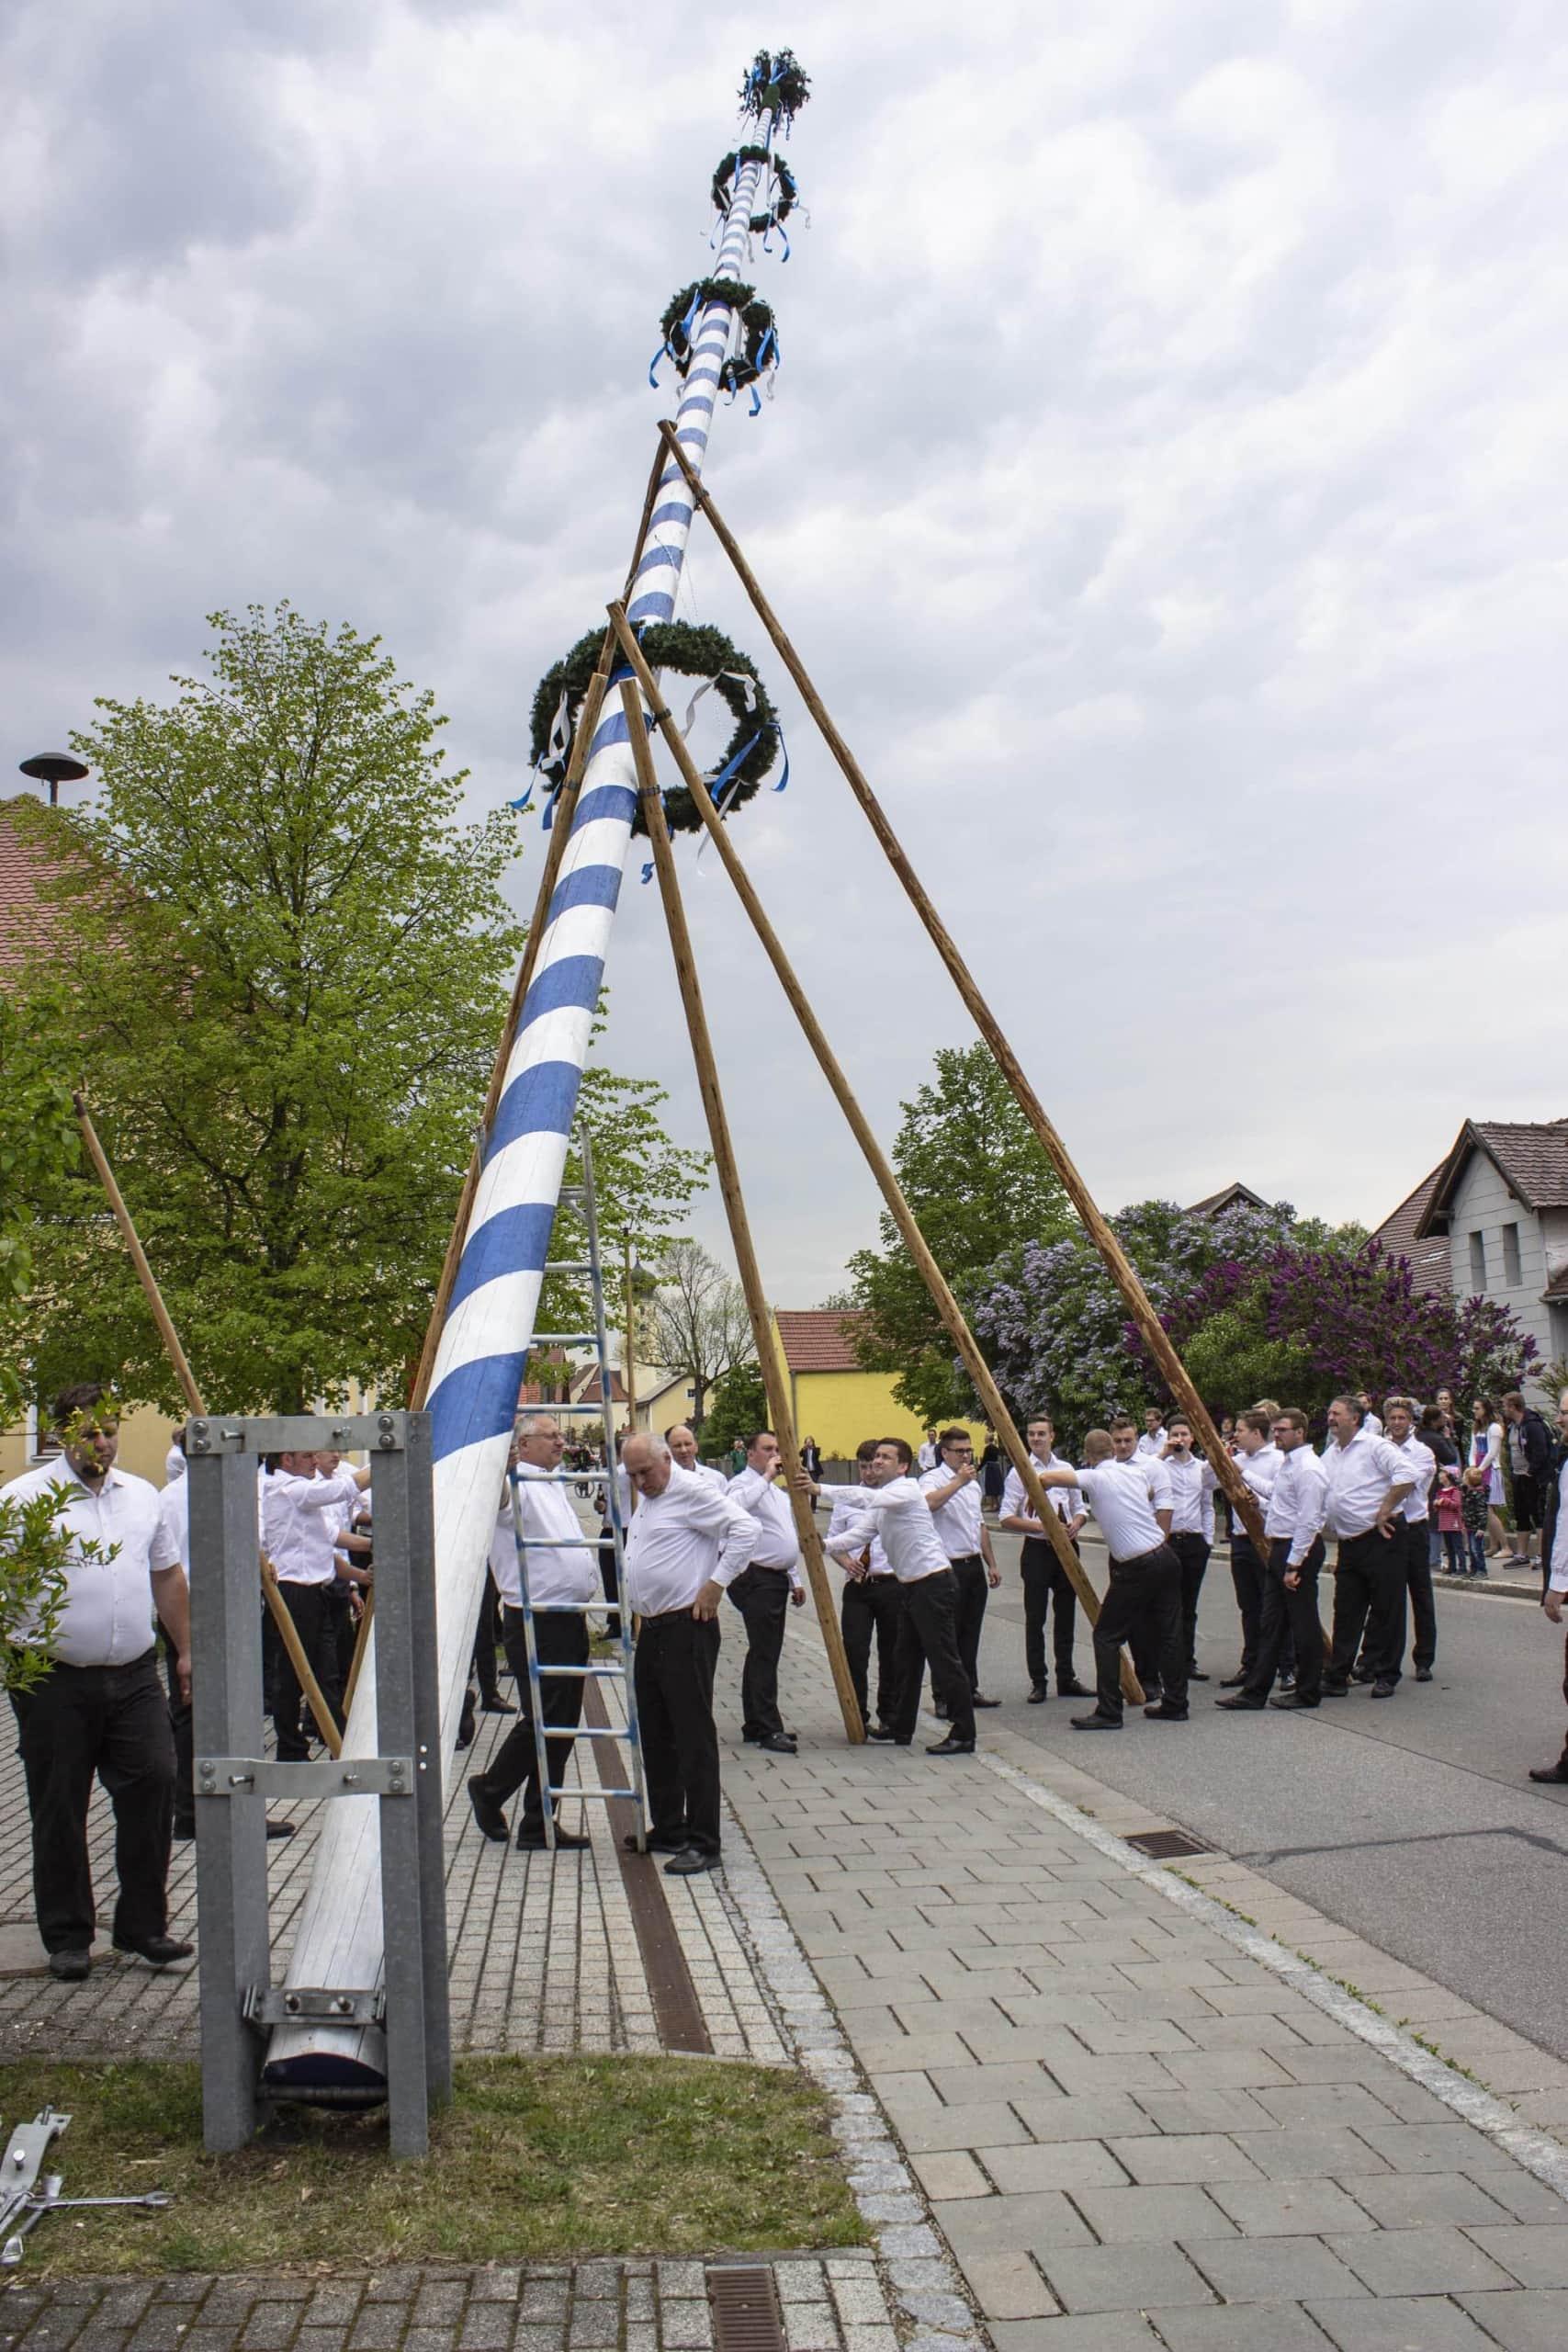 In Friesheim bei Barbing wird wie in vielen anderen Gemeinden der bayerische Brauch als Tradition gelebt Der Maibaum bringt das ganze Dorf zusammen